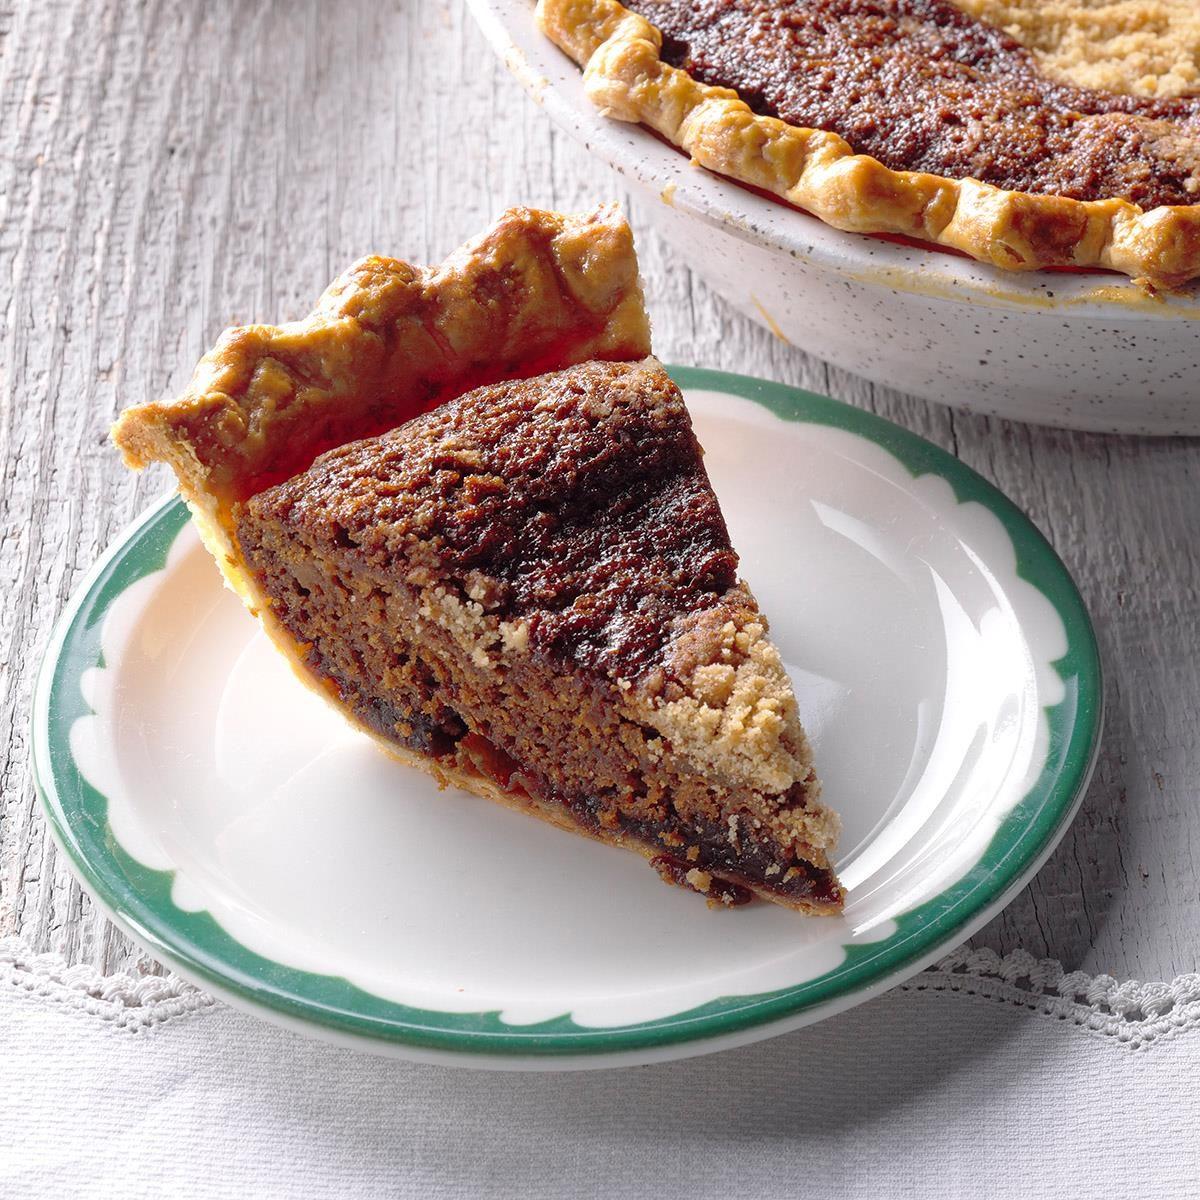 Pennsylvania: Shoofly Pie